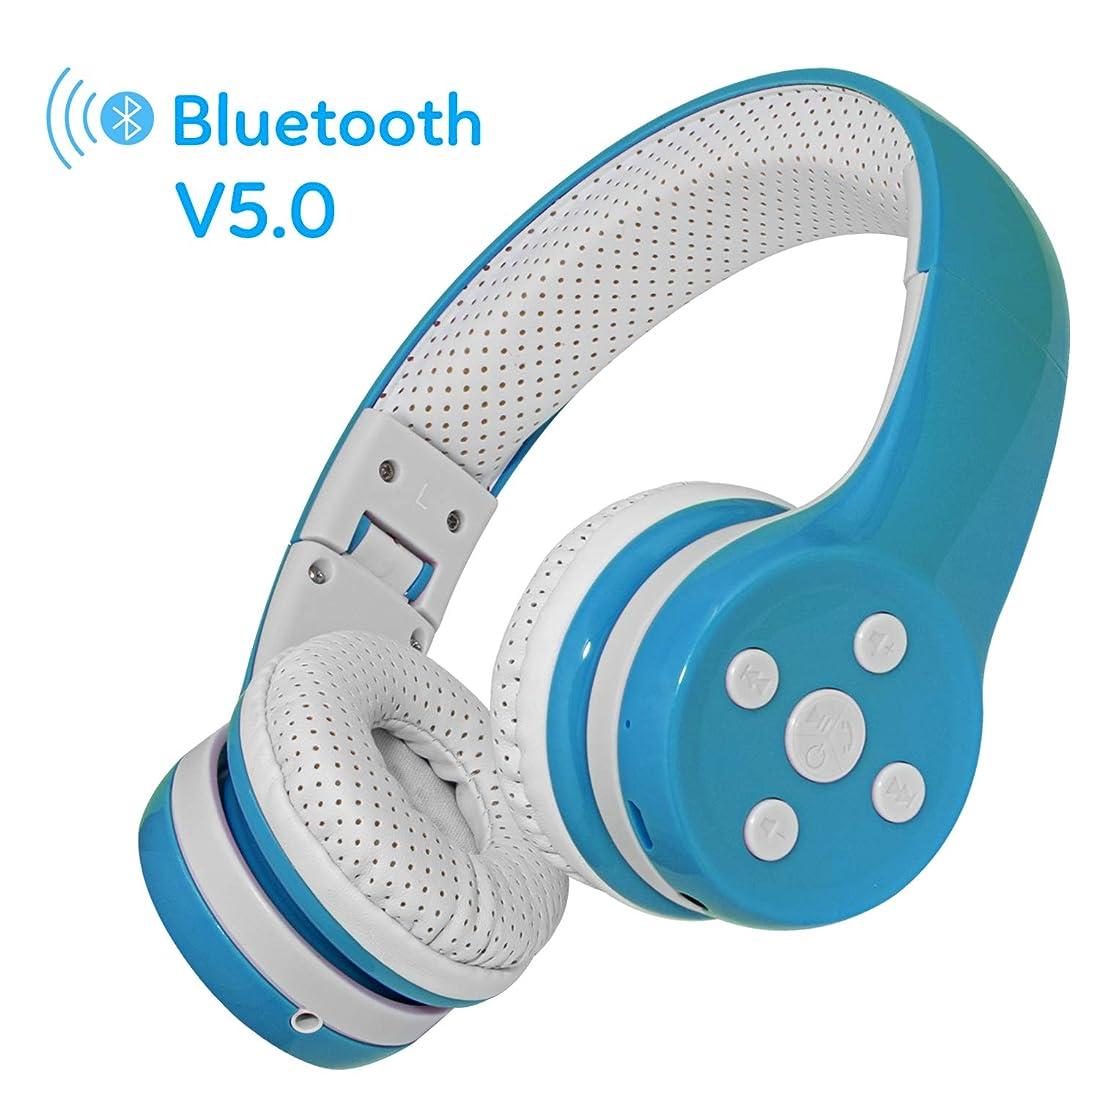 アラブ推進力口径YUSONIC 子供用ワイヤレスヘッドフォン 15時間再生 v5.0 Bluetooth キッズヘッドフォン 93dbボリューム制限 折りたたみ式 内蔵マイク付き 携帯電話 テレビ 幼児 タブレット ゲーム 学校 ネットワーク クラス 男の子 女の子 ブルー BS-SUN